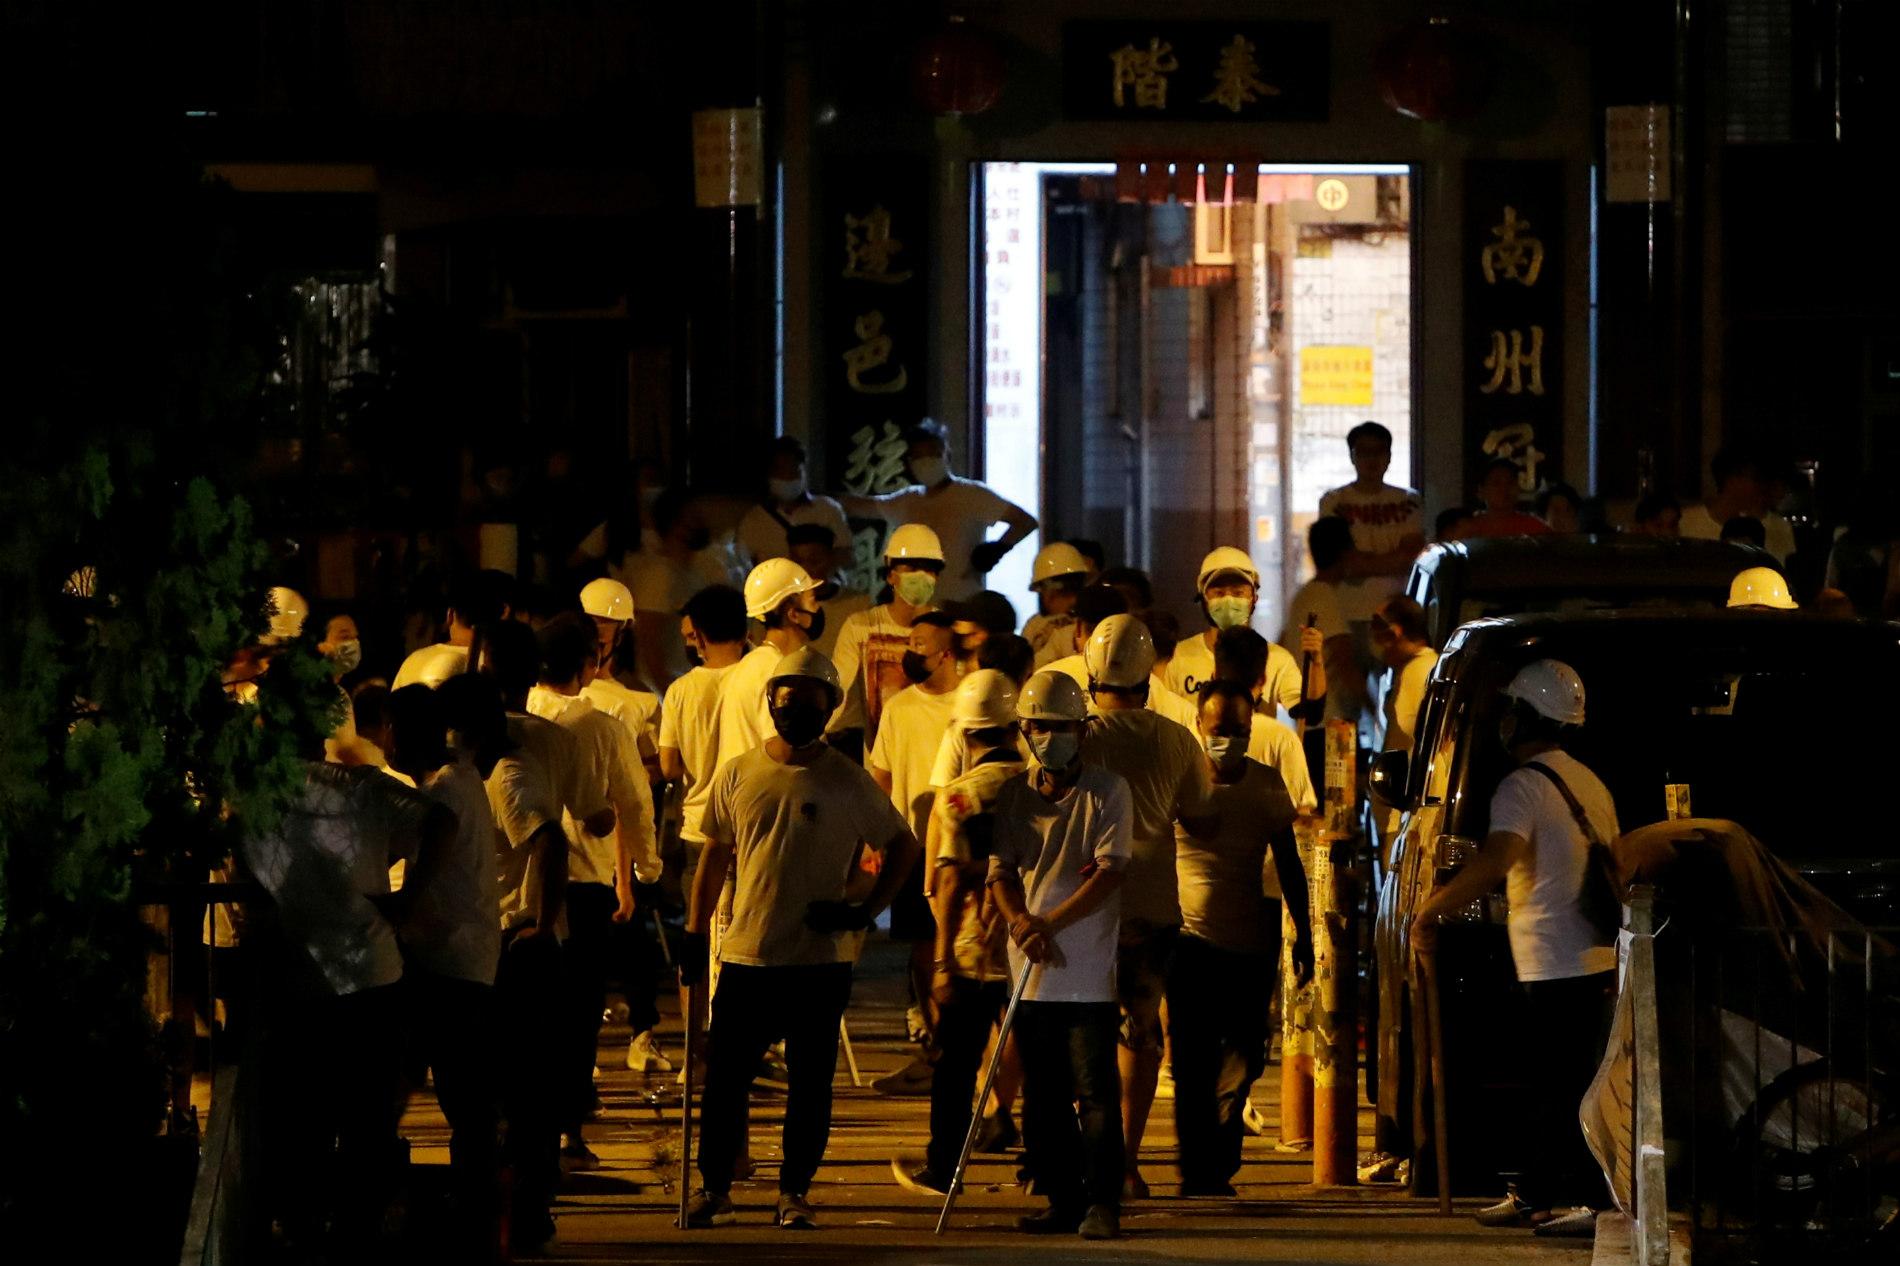 《逃犯條例》修訂風波之7月21日大遊行及元朗襲擊事件